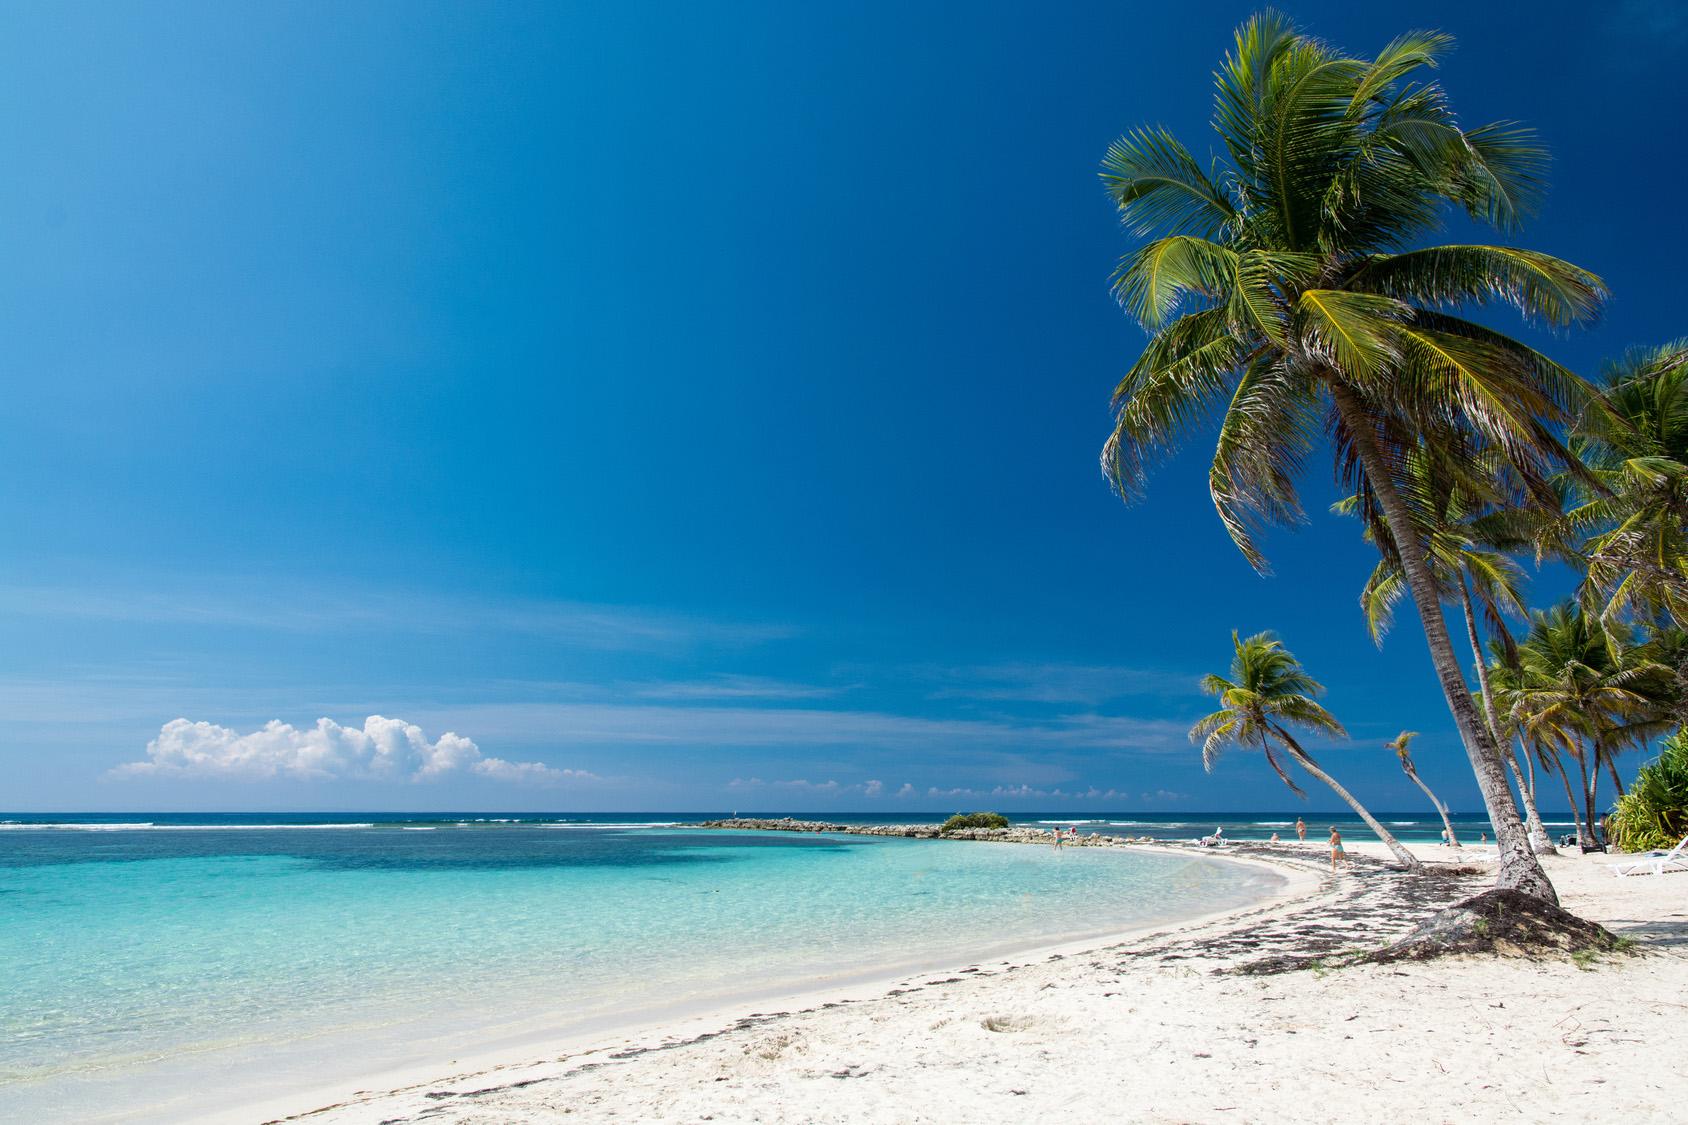 viaggio caraibi francesi maggio viaggi guidati nelle isole pi belle del mondo. Black Bedroom Furniture Sets. Home Design Ideas